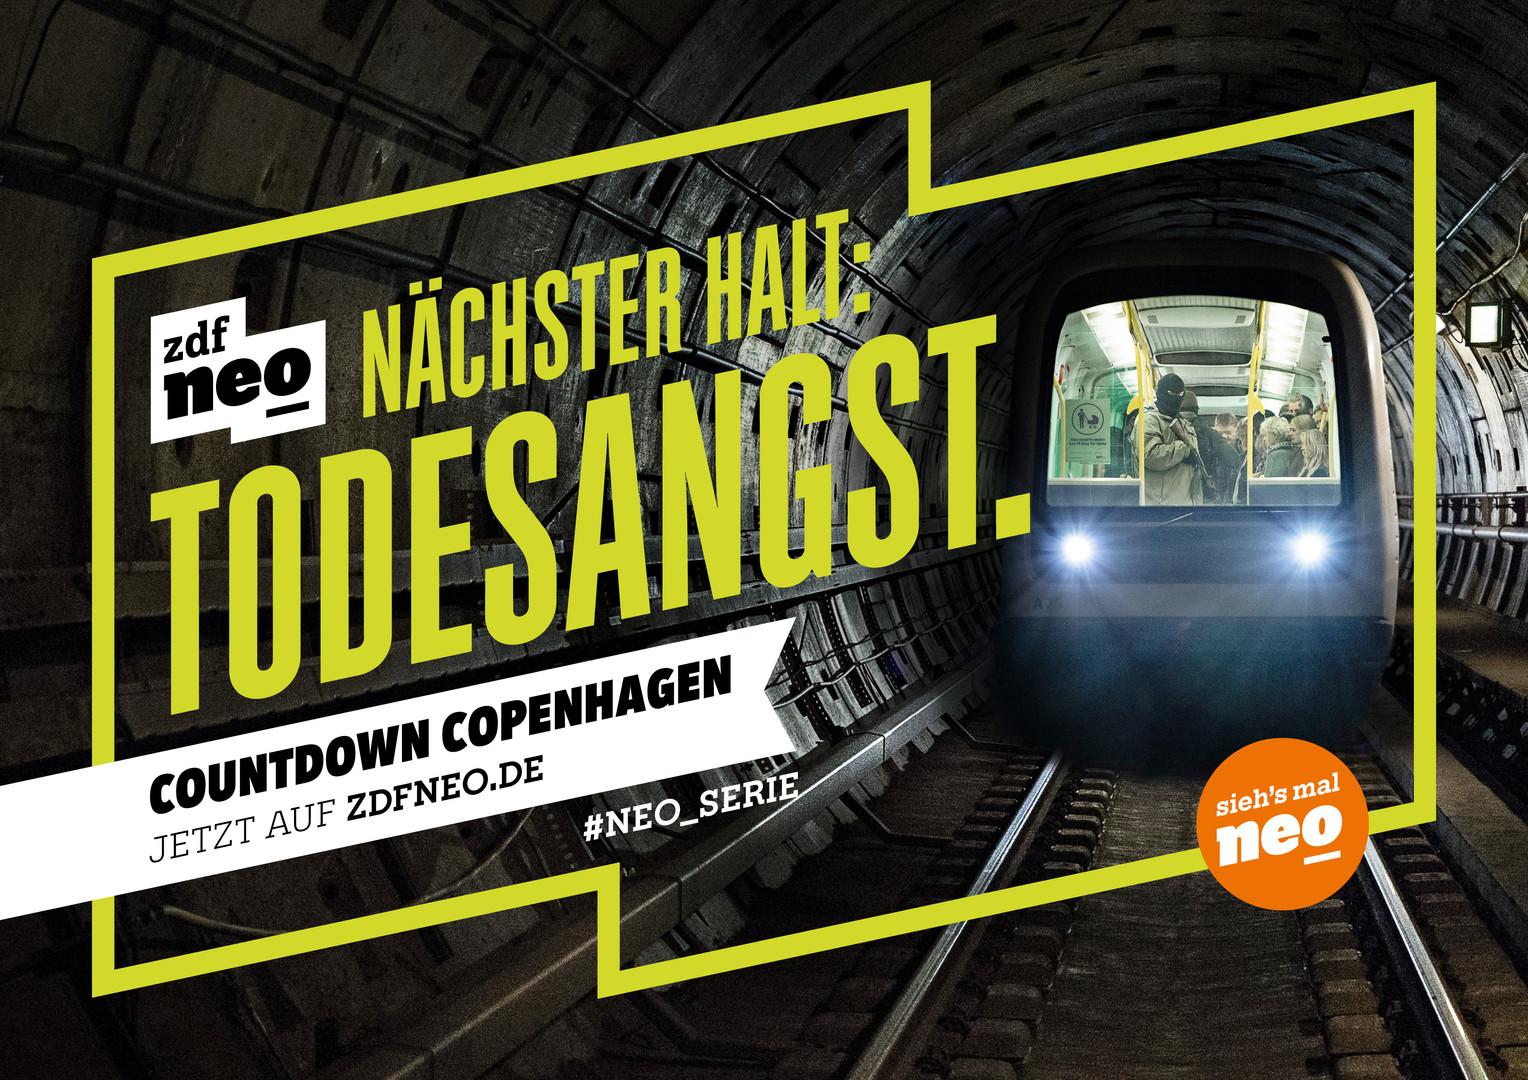 About a terrorist attack in a tube in Copenhagen.